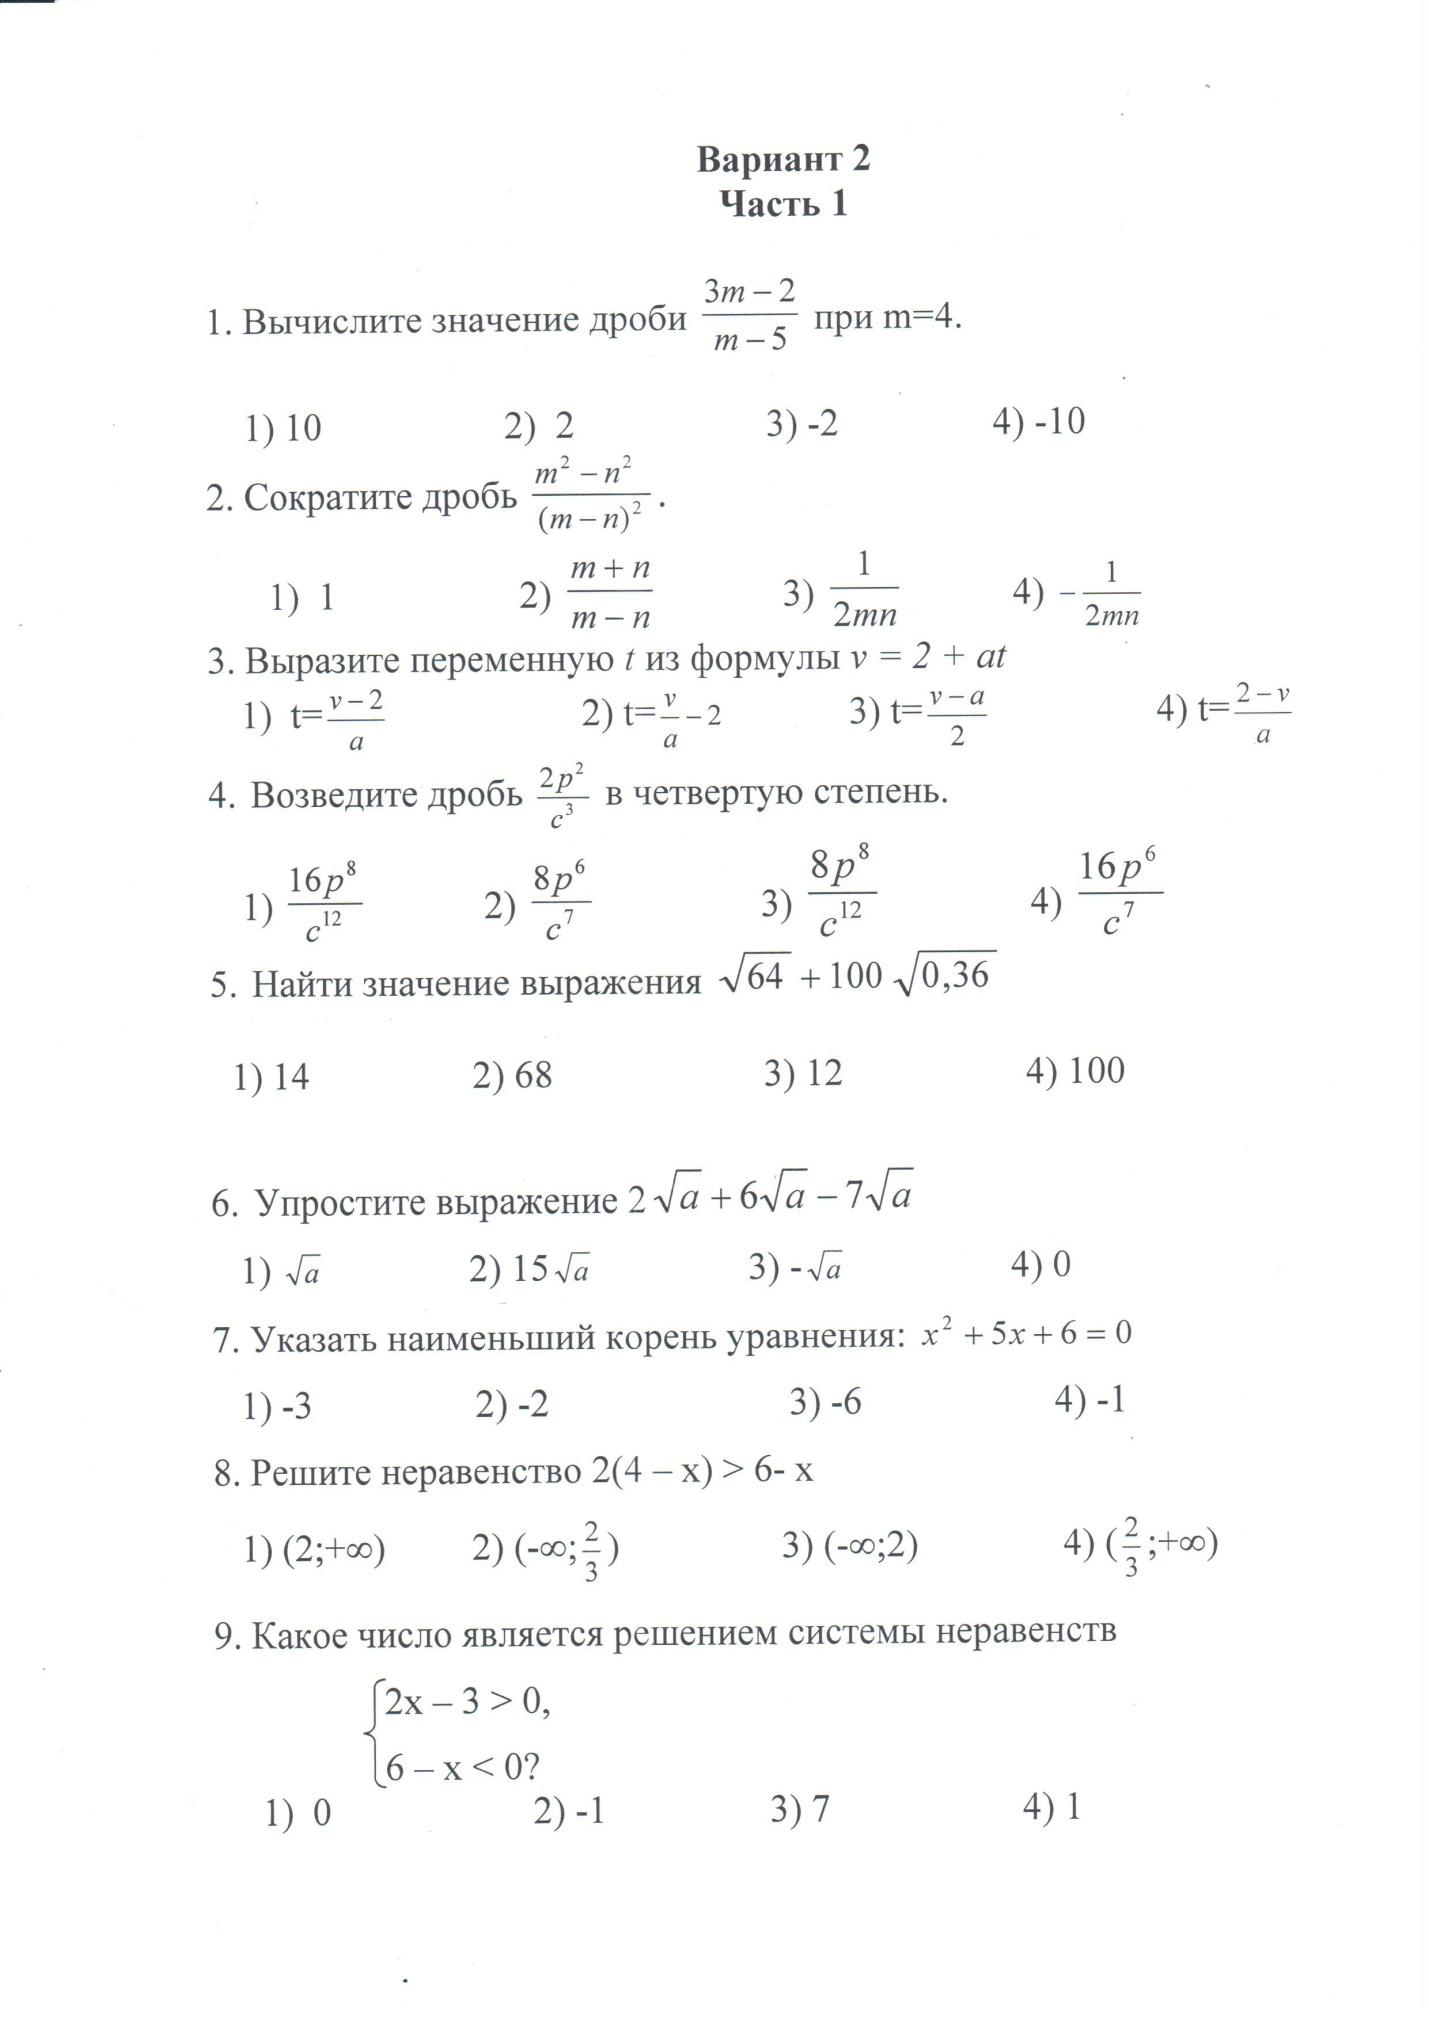 Контрольная работа в формате огэ математика 3399